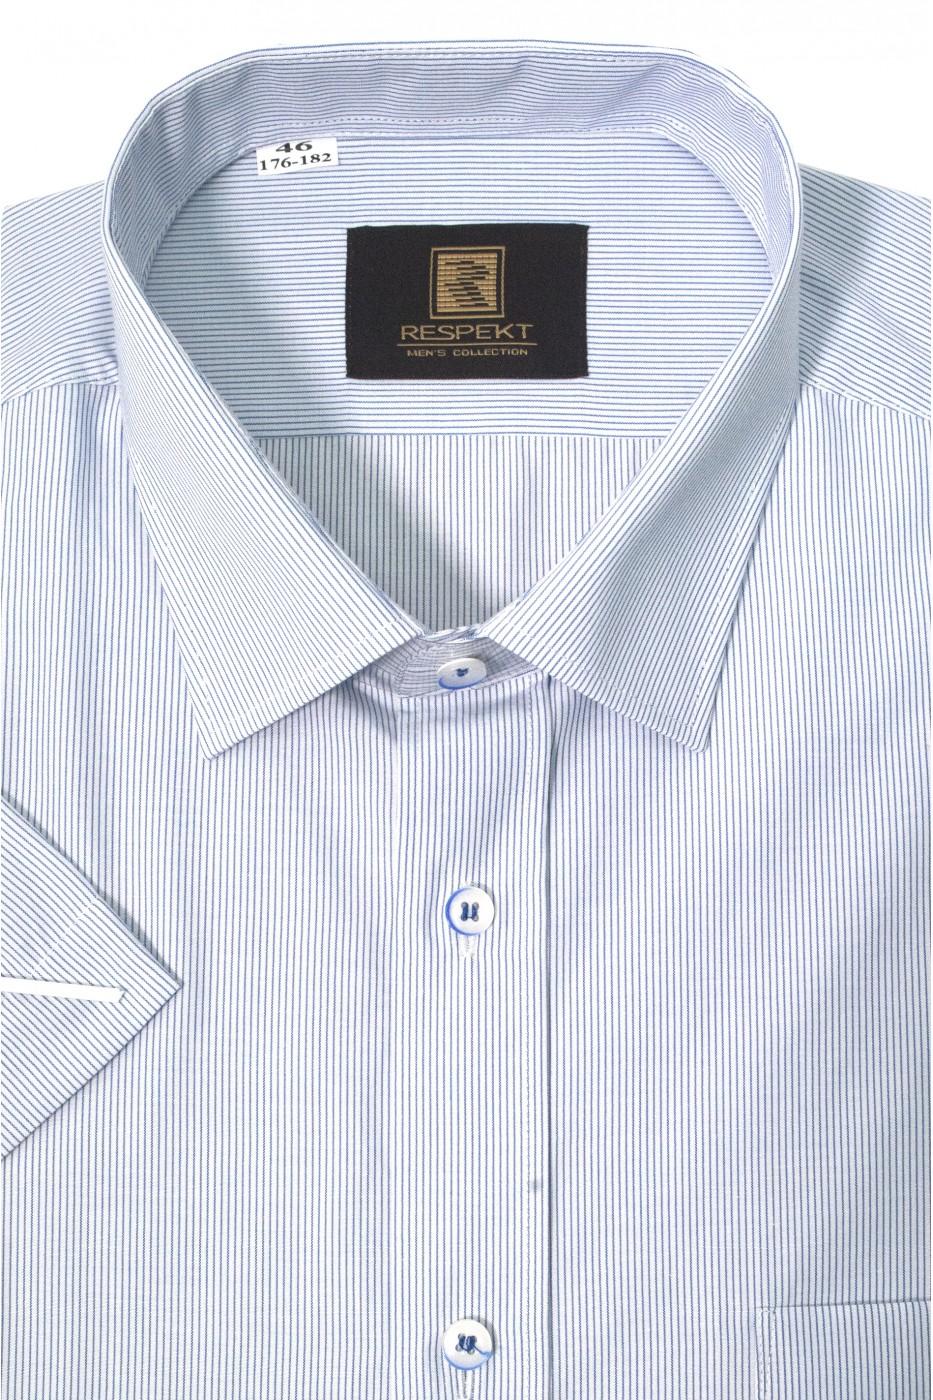 Белая мужская рубашка в голубую полоску с коротким рукавом КР 317 (53-08)